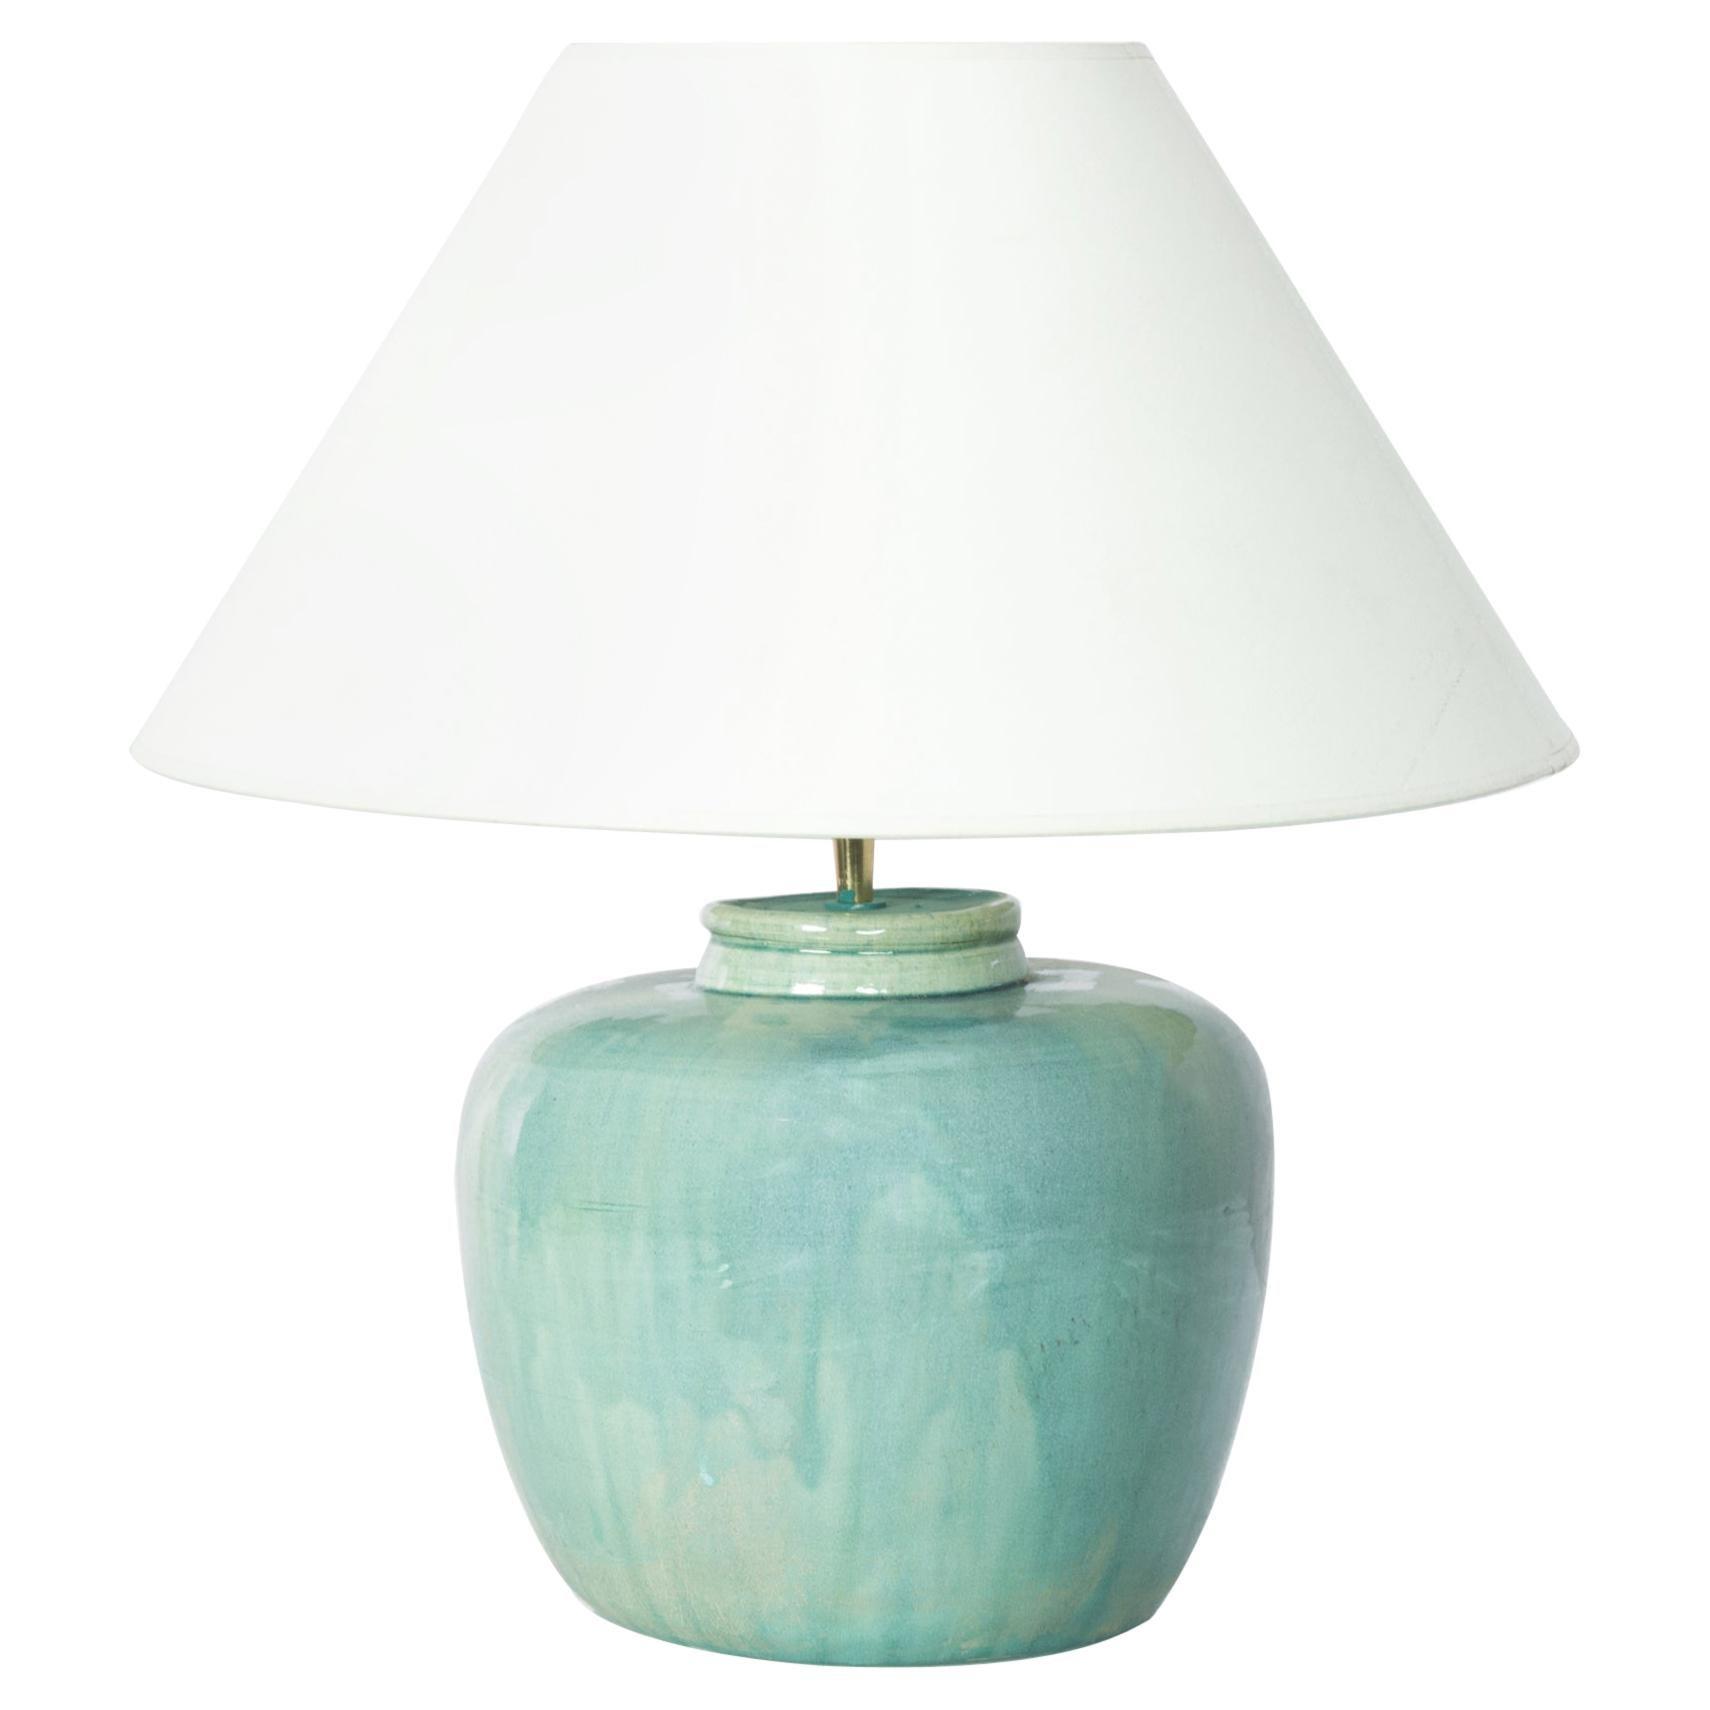 Chinese Aquamarine Ceramic Vase Table Lamp